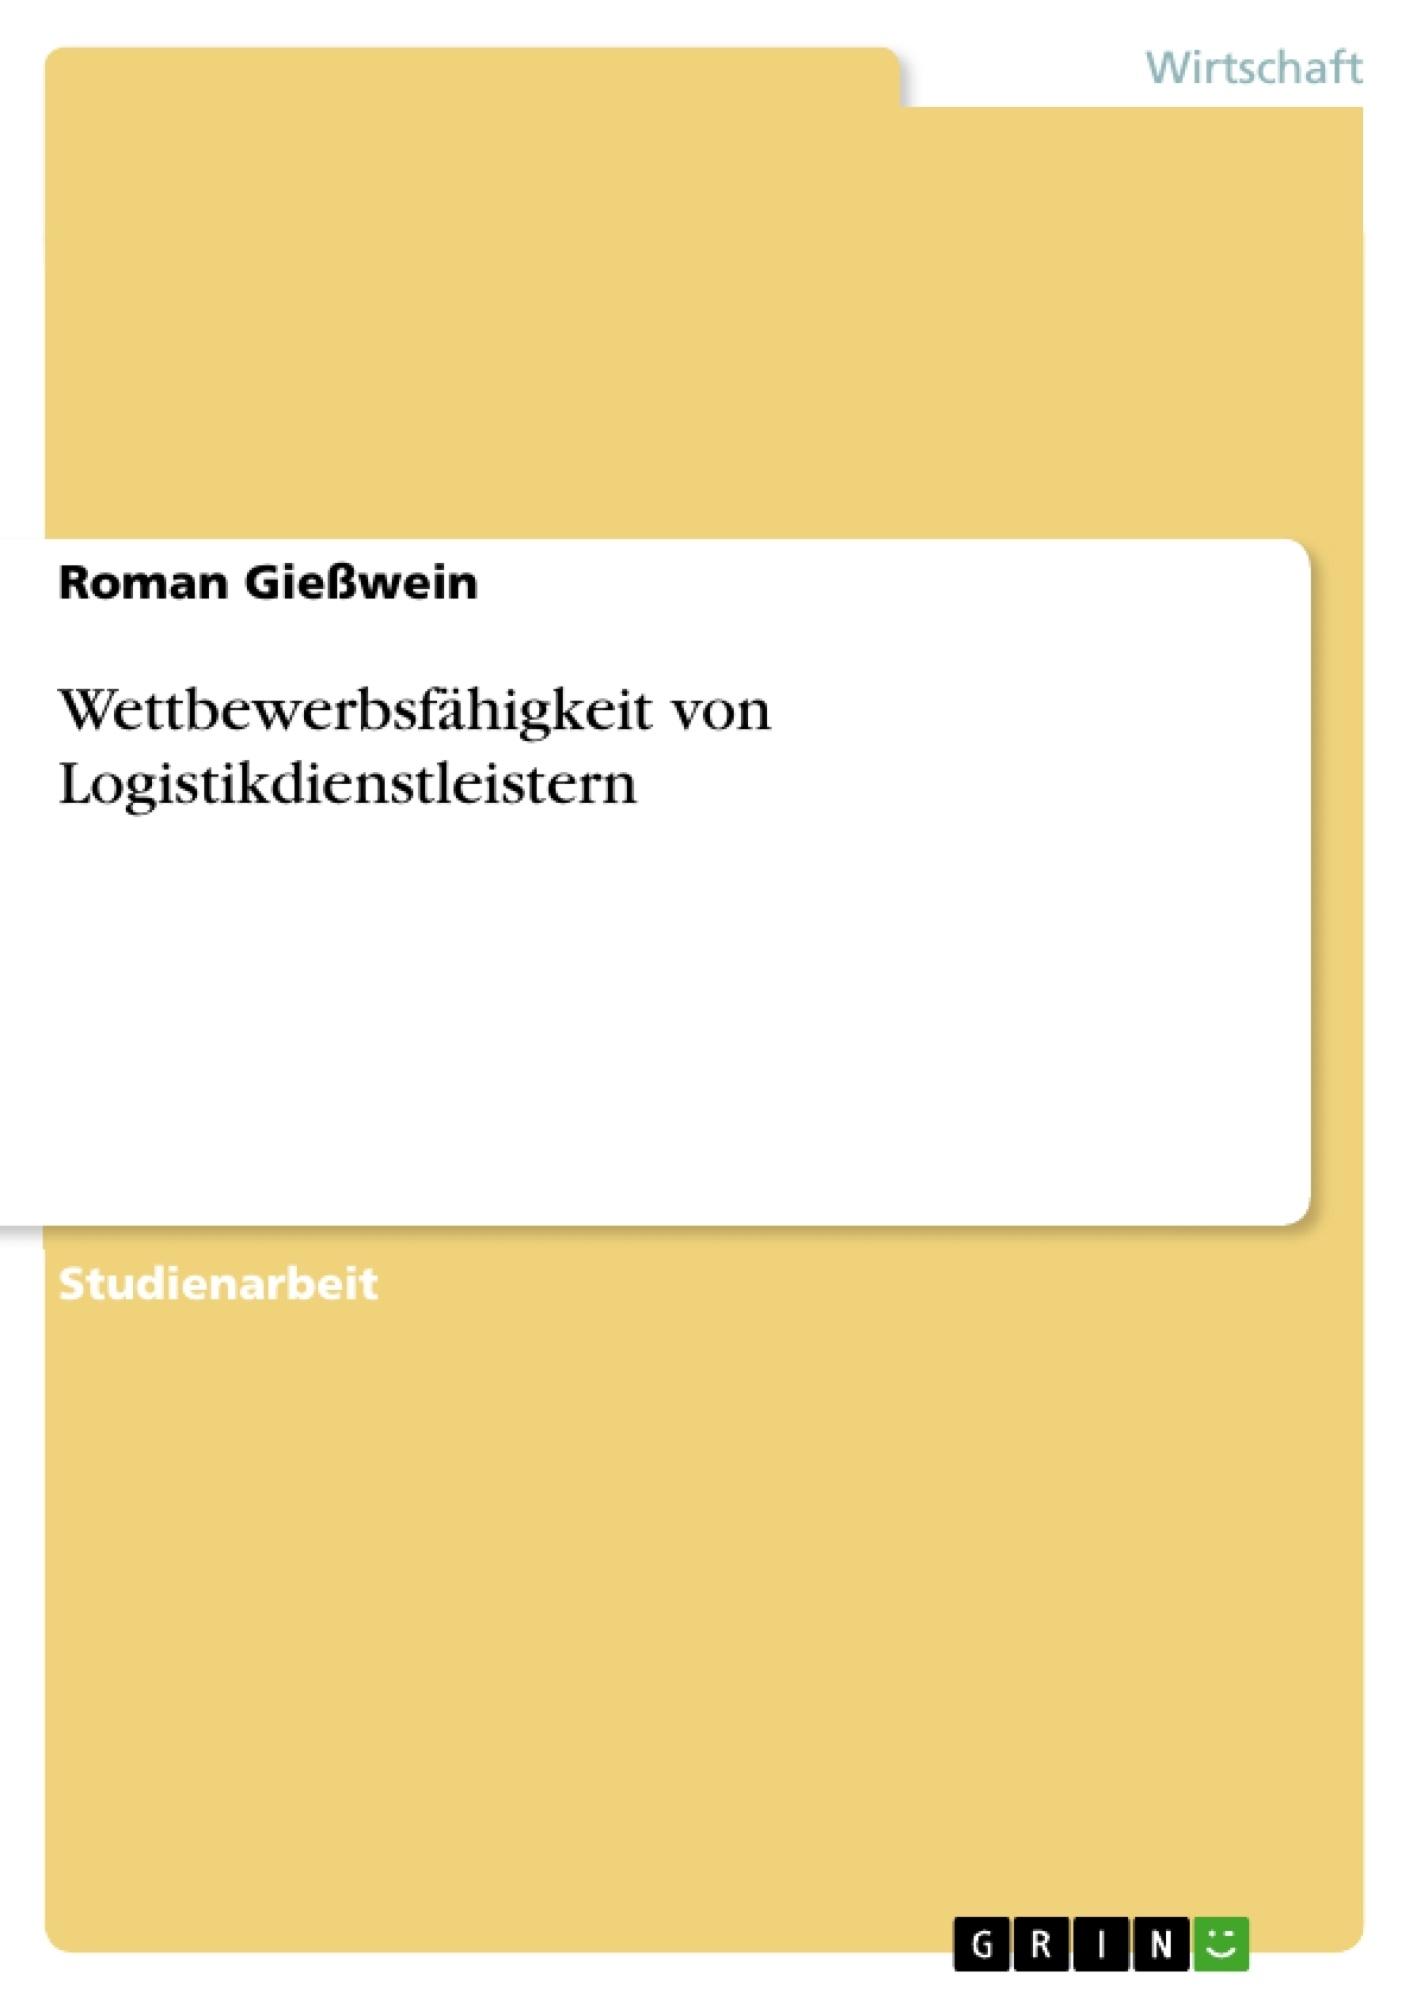 Titel: Wettbewerbsfähigkeit von Logistikdienstleistern